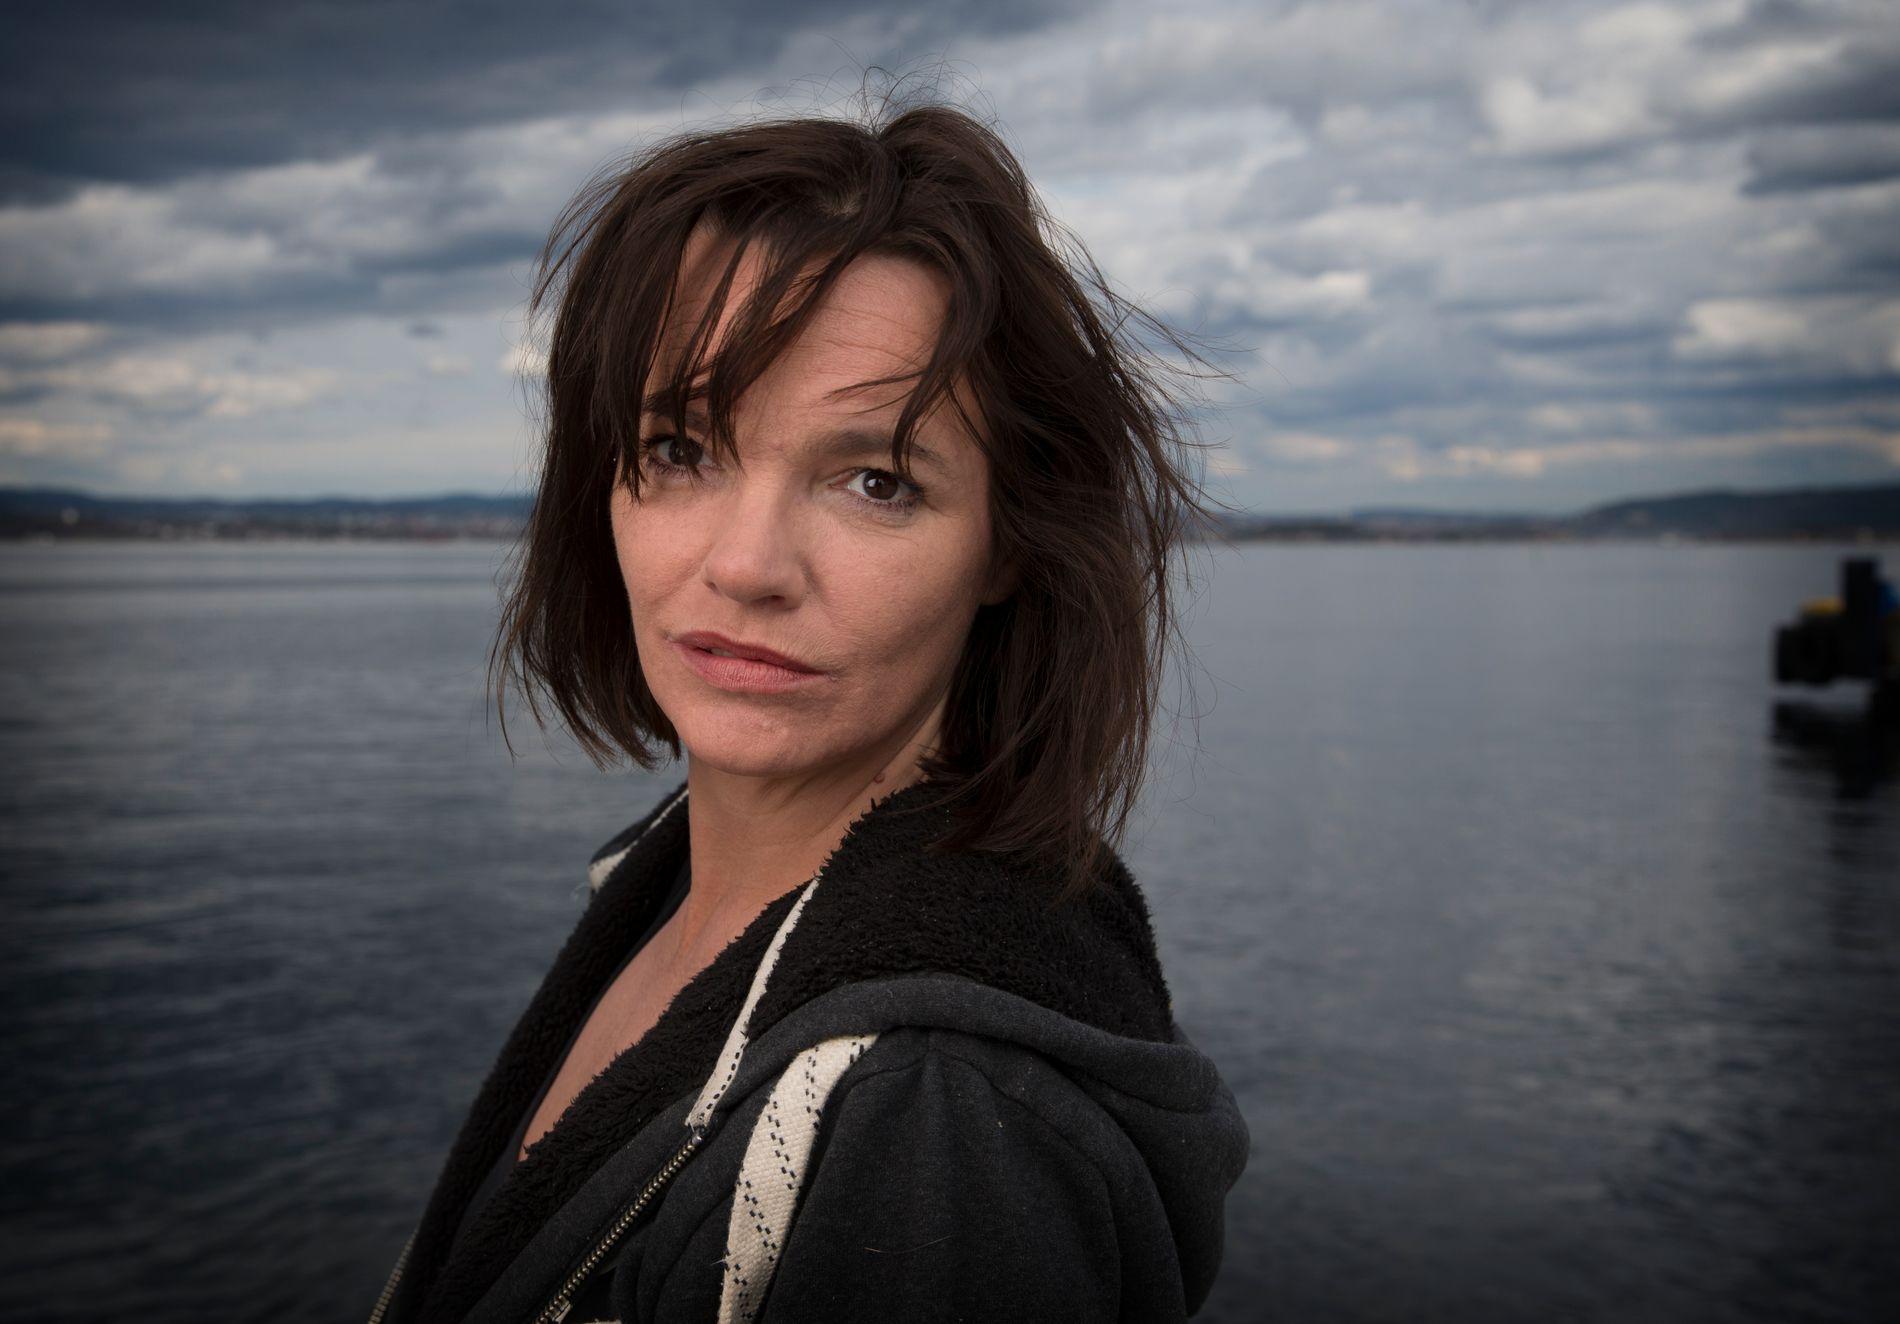 STÅR FRAM SOM ALKOHOLIKER: Skuespiller Julie Winge har skrevet et åpenhjertig innlegg om egen alkoholisme på kk.no.